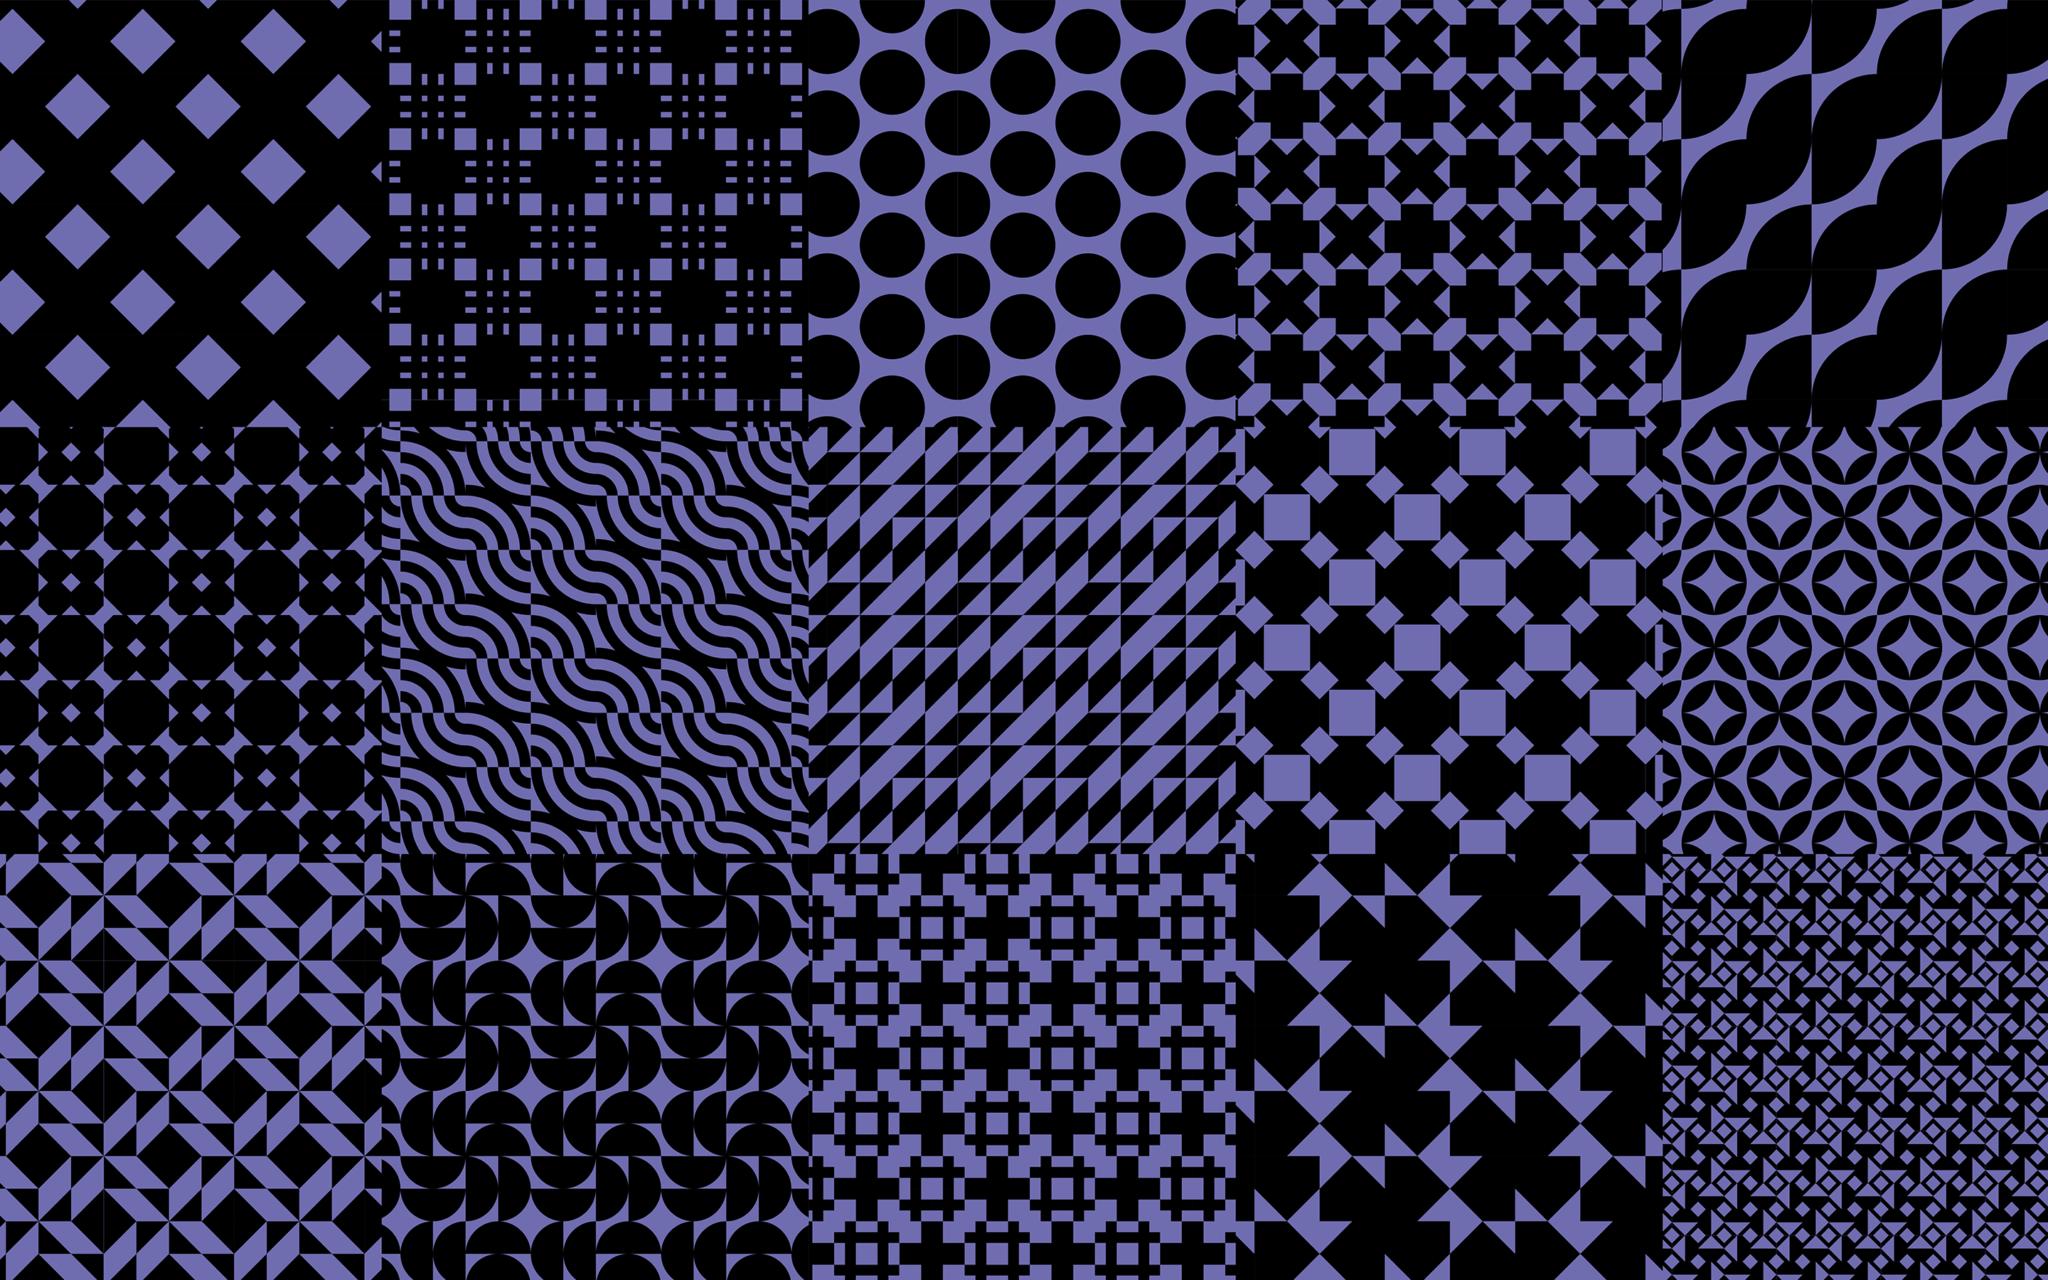 Padded Image